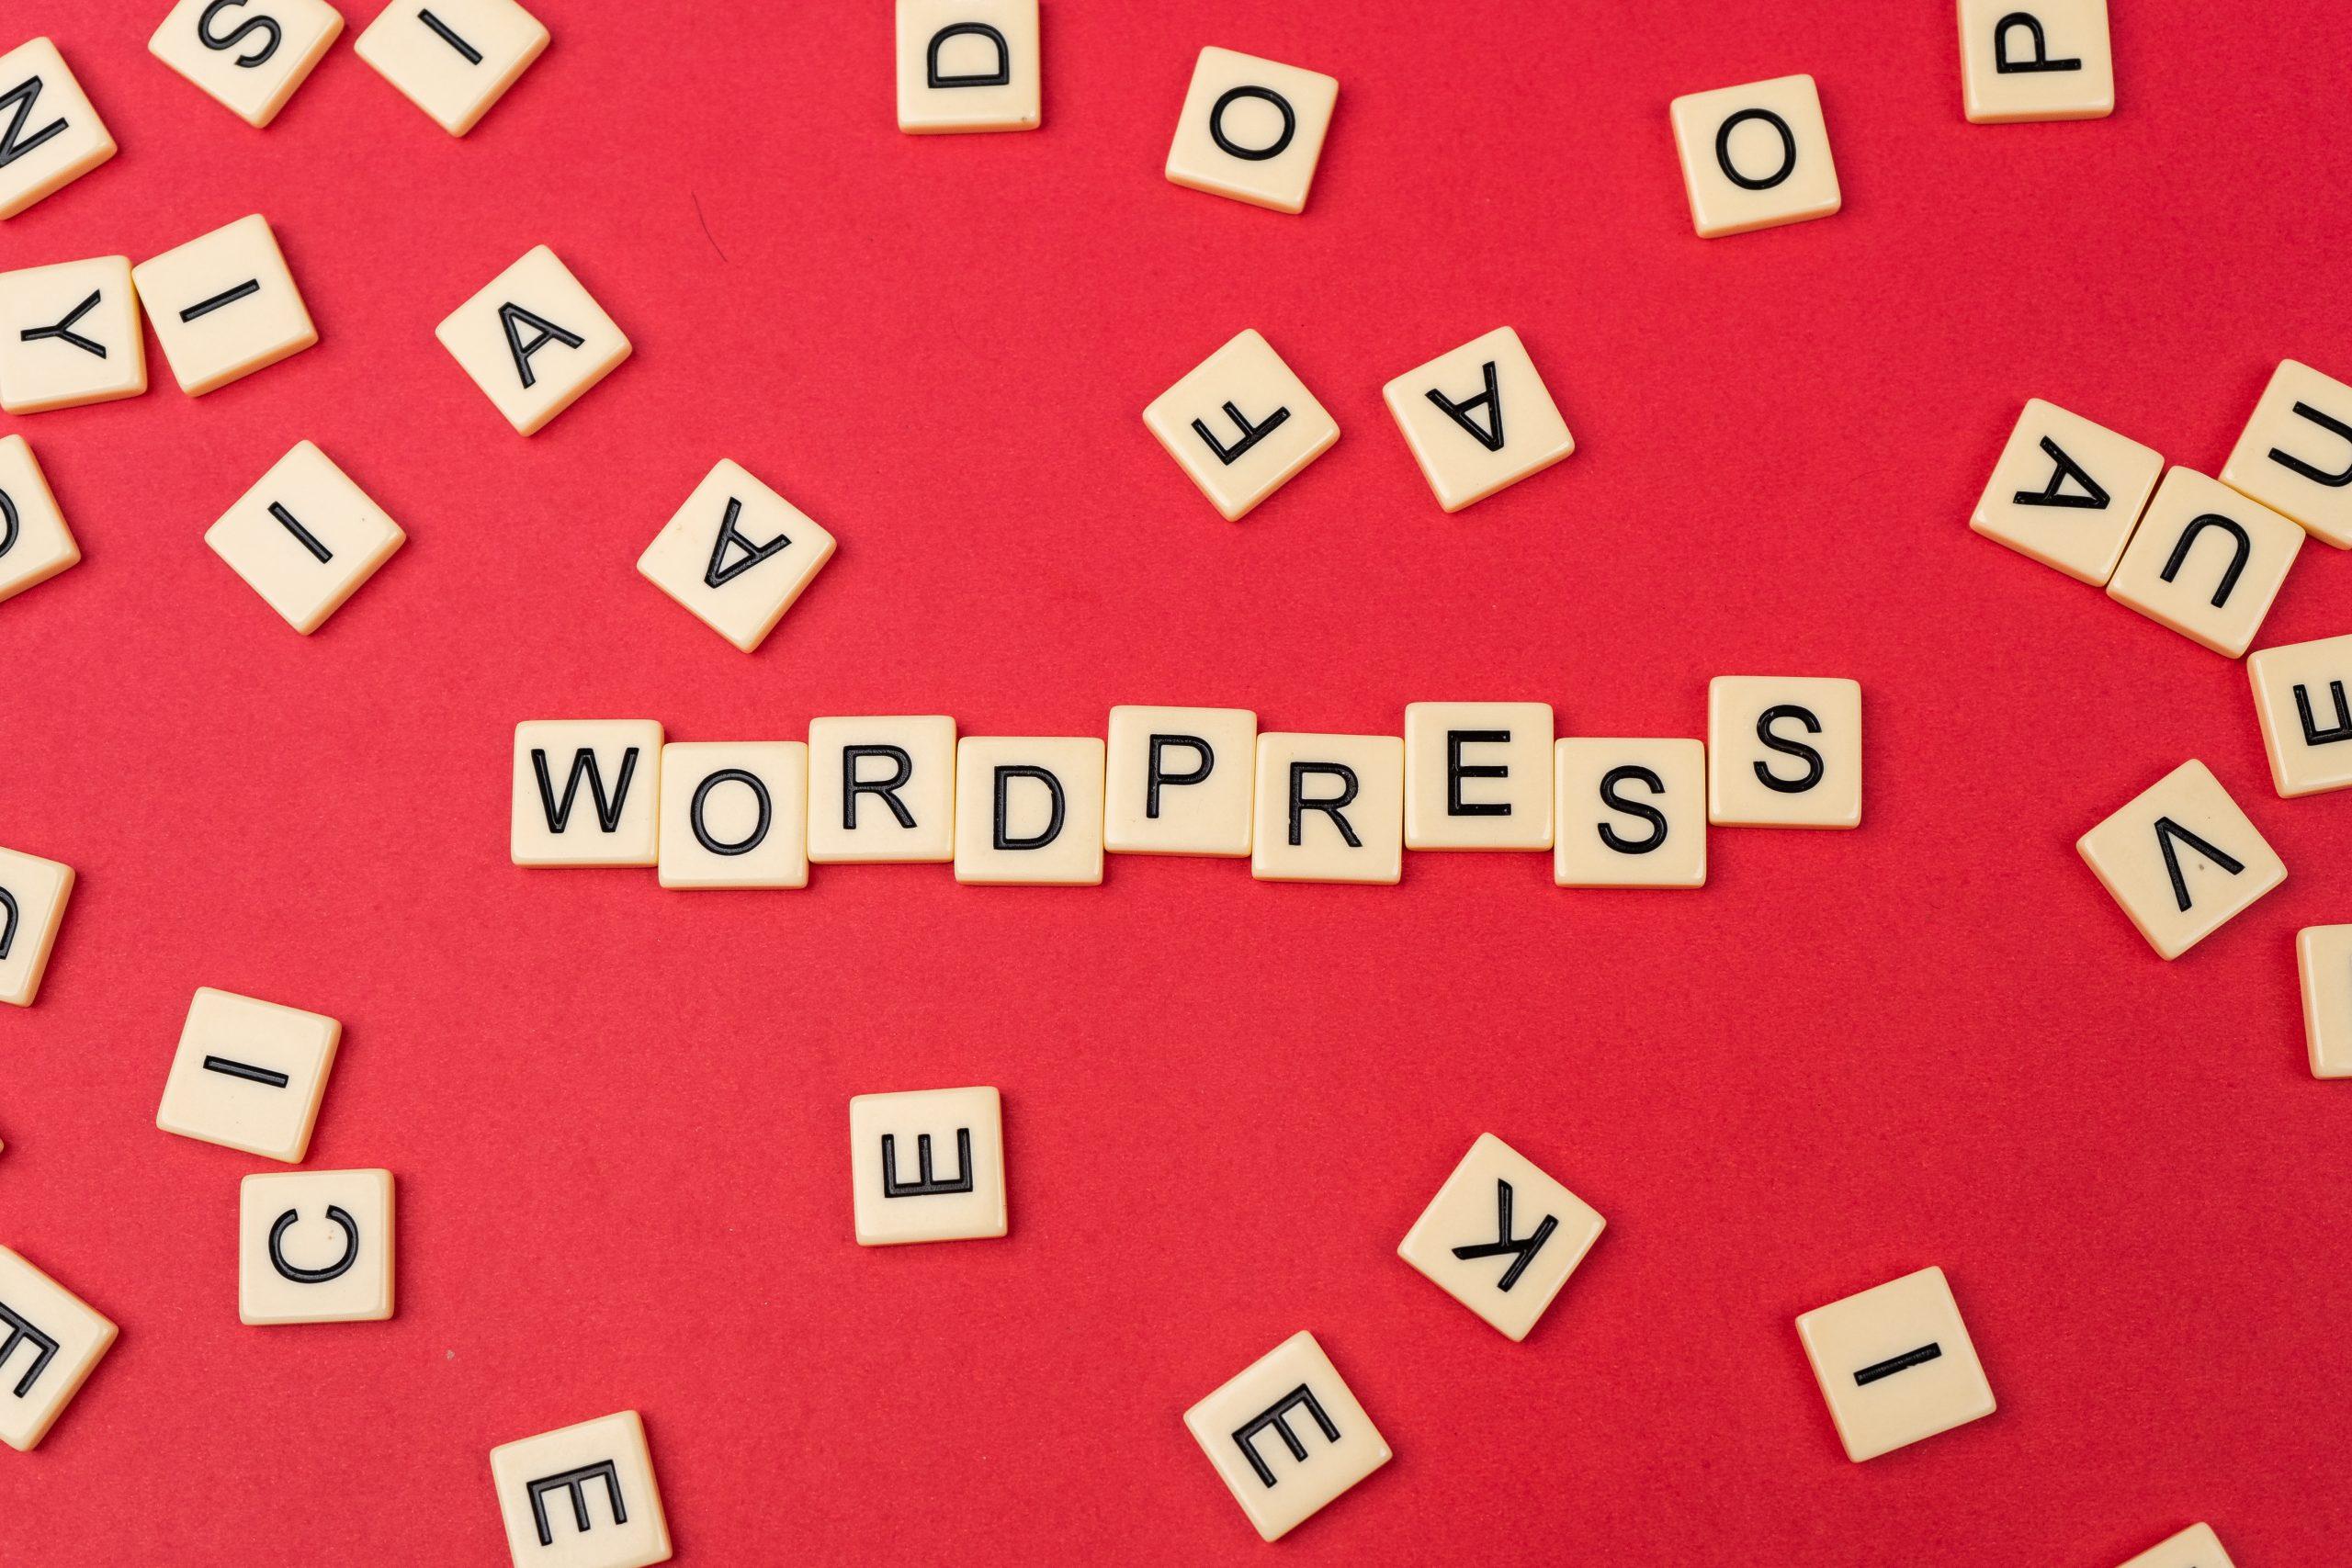 WordPress written on scrabble